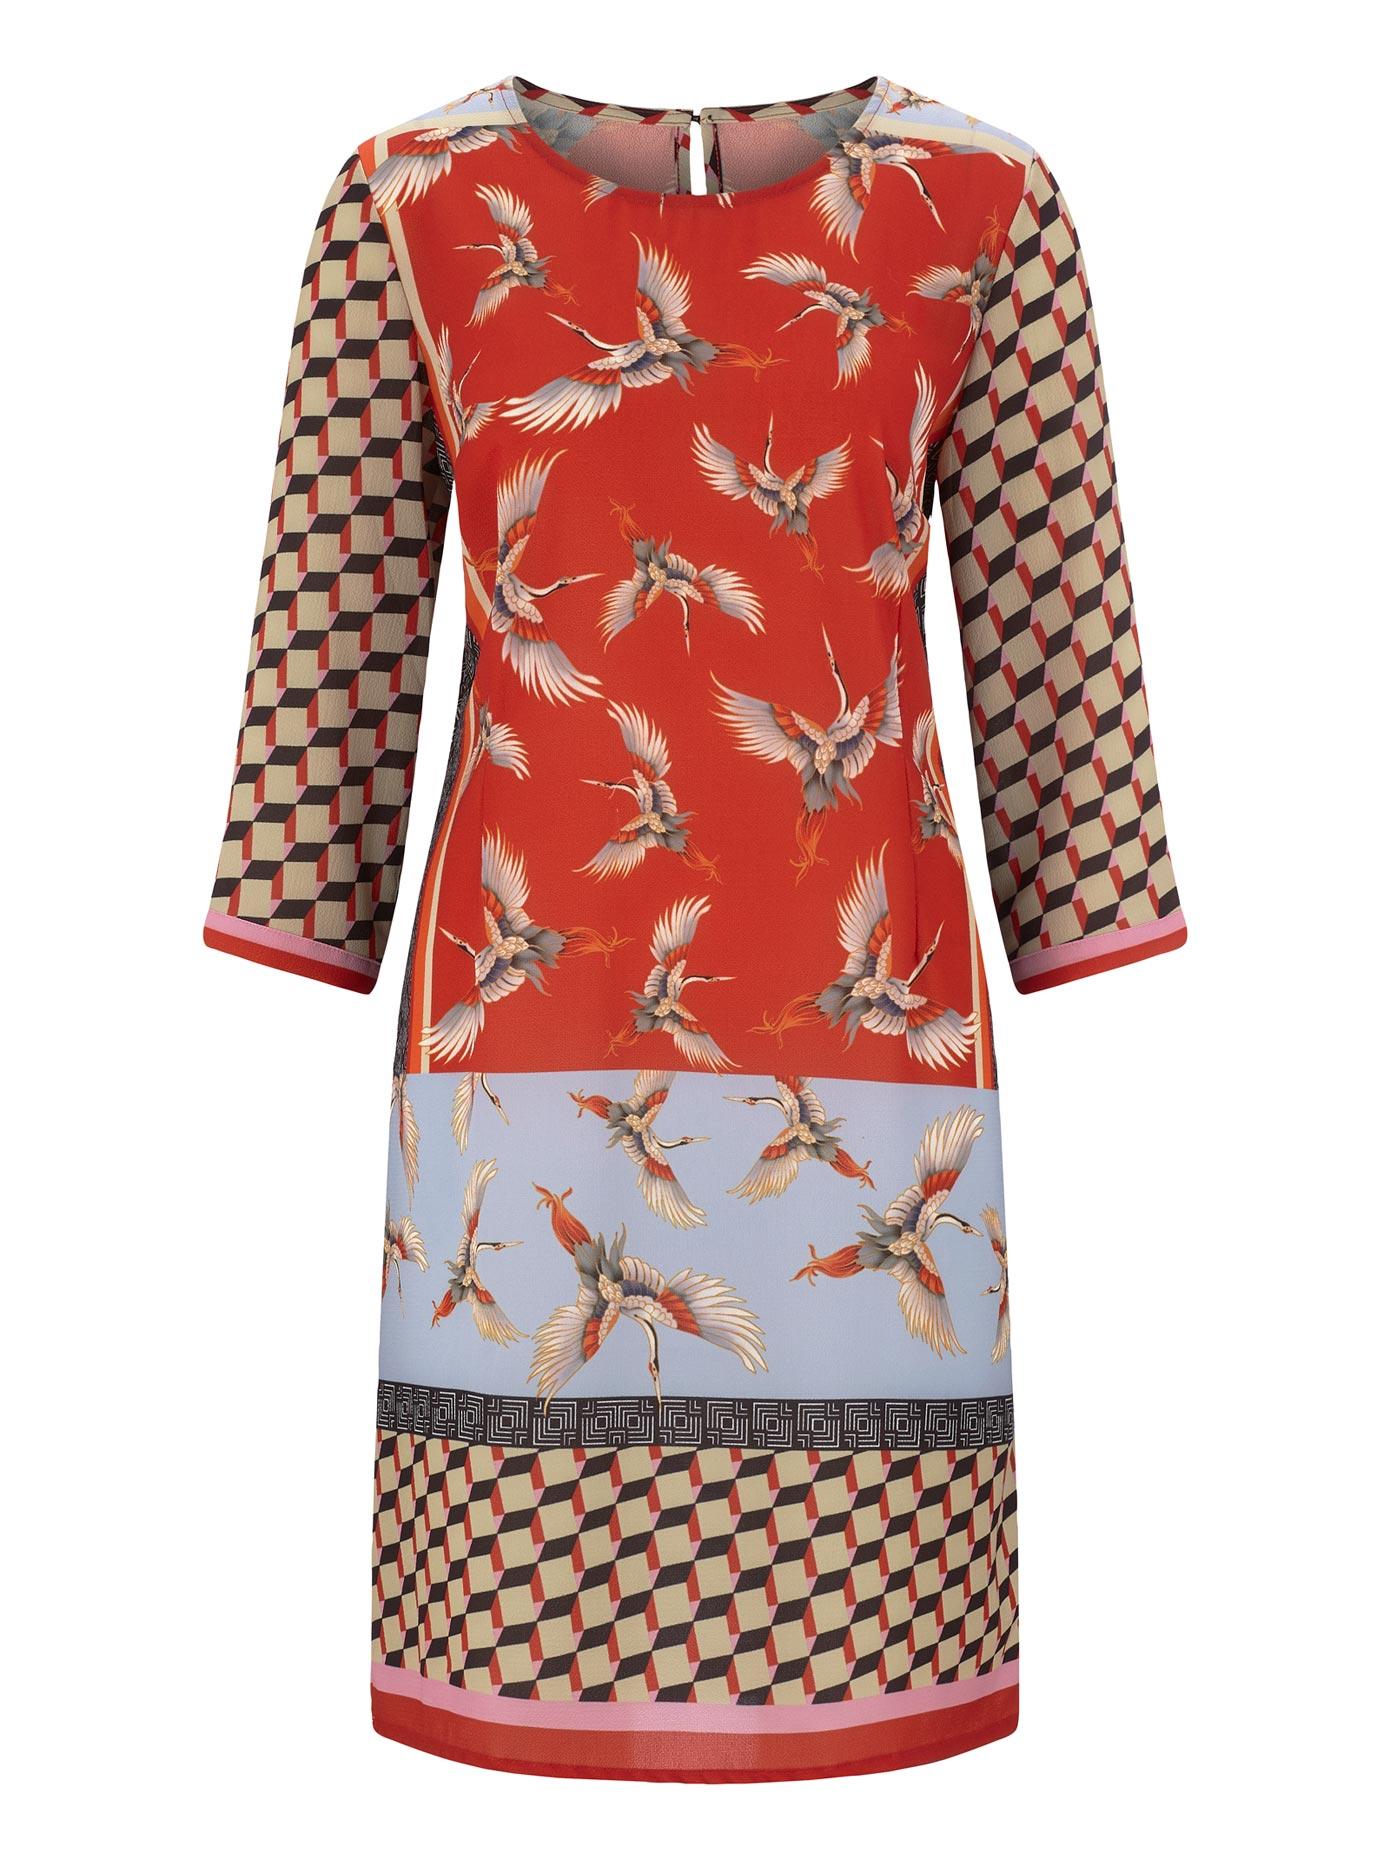 création L Kleid im farbenfrohem Grafik-Dessin und tanzenden Kranichen